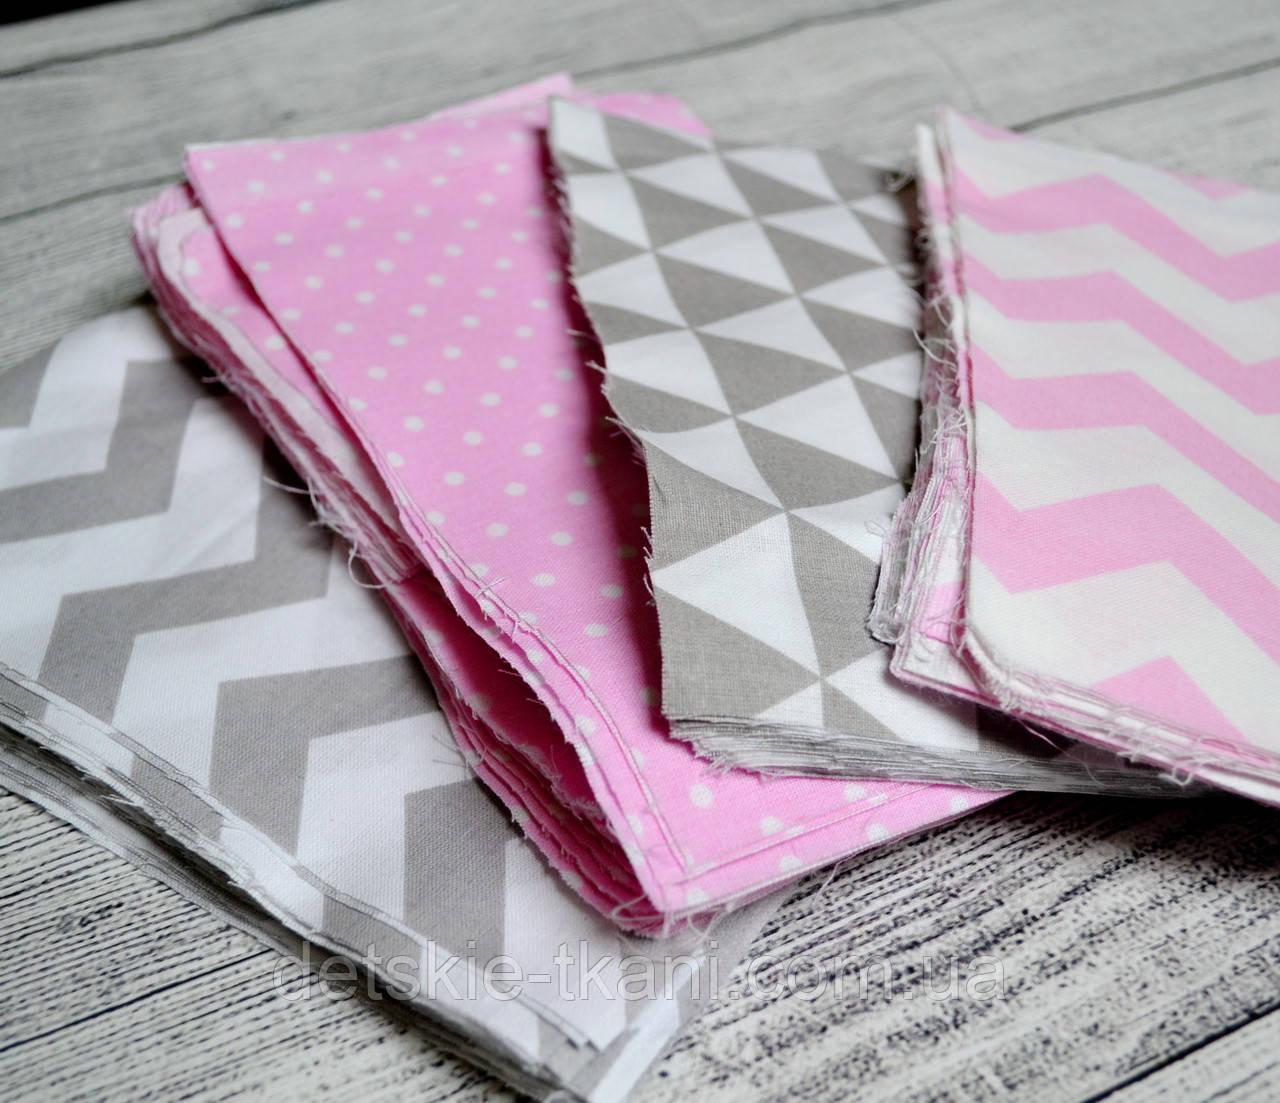 Набор лоскутов  хлопковых тканей серо-розового цвета с зигзагом и горошком, №44